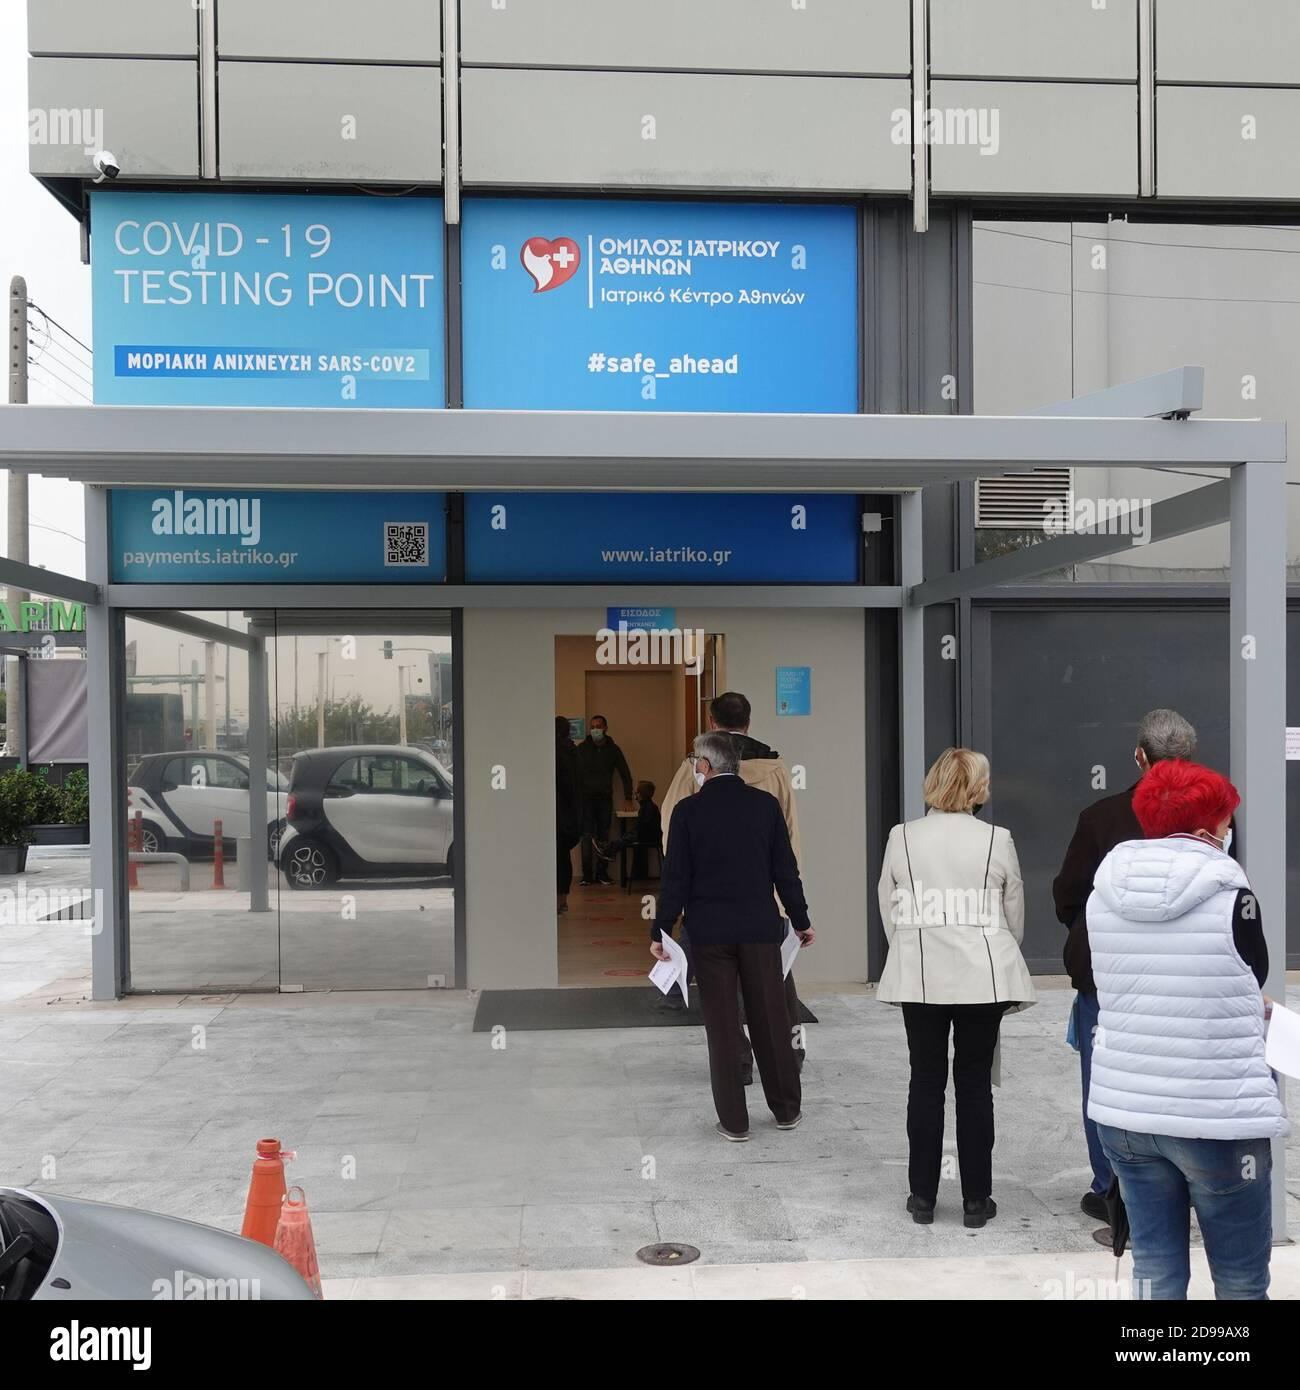 Atenas, Grecia - 3 de noviembre de 2020: Personas que esperan en la entrada del sitio de pruebas de detección molecular covid-19 durante la segunda ola de coronavir Foto de stock